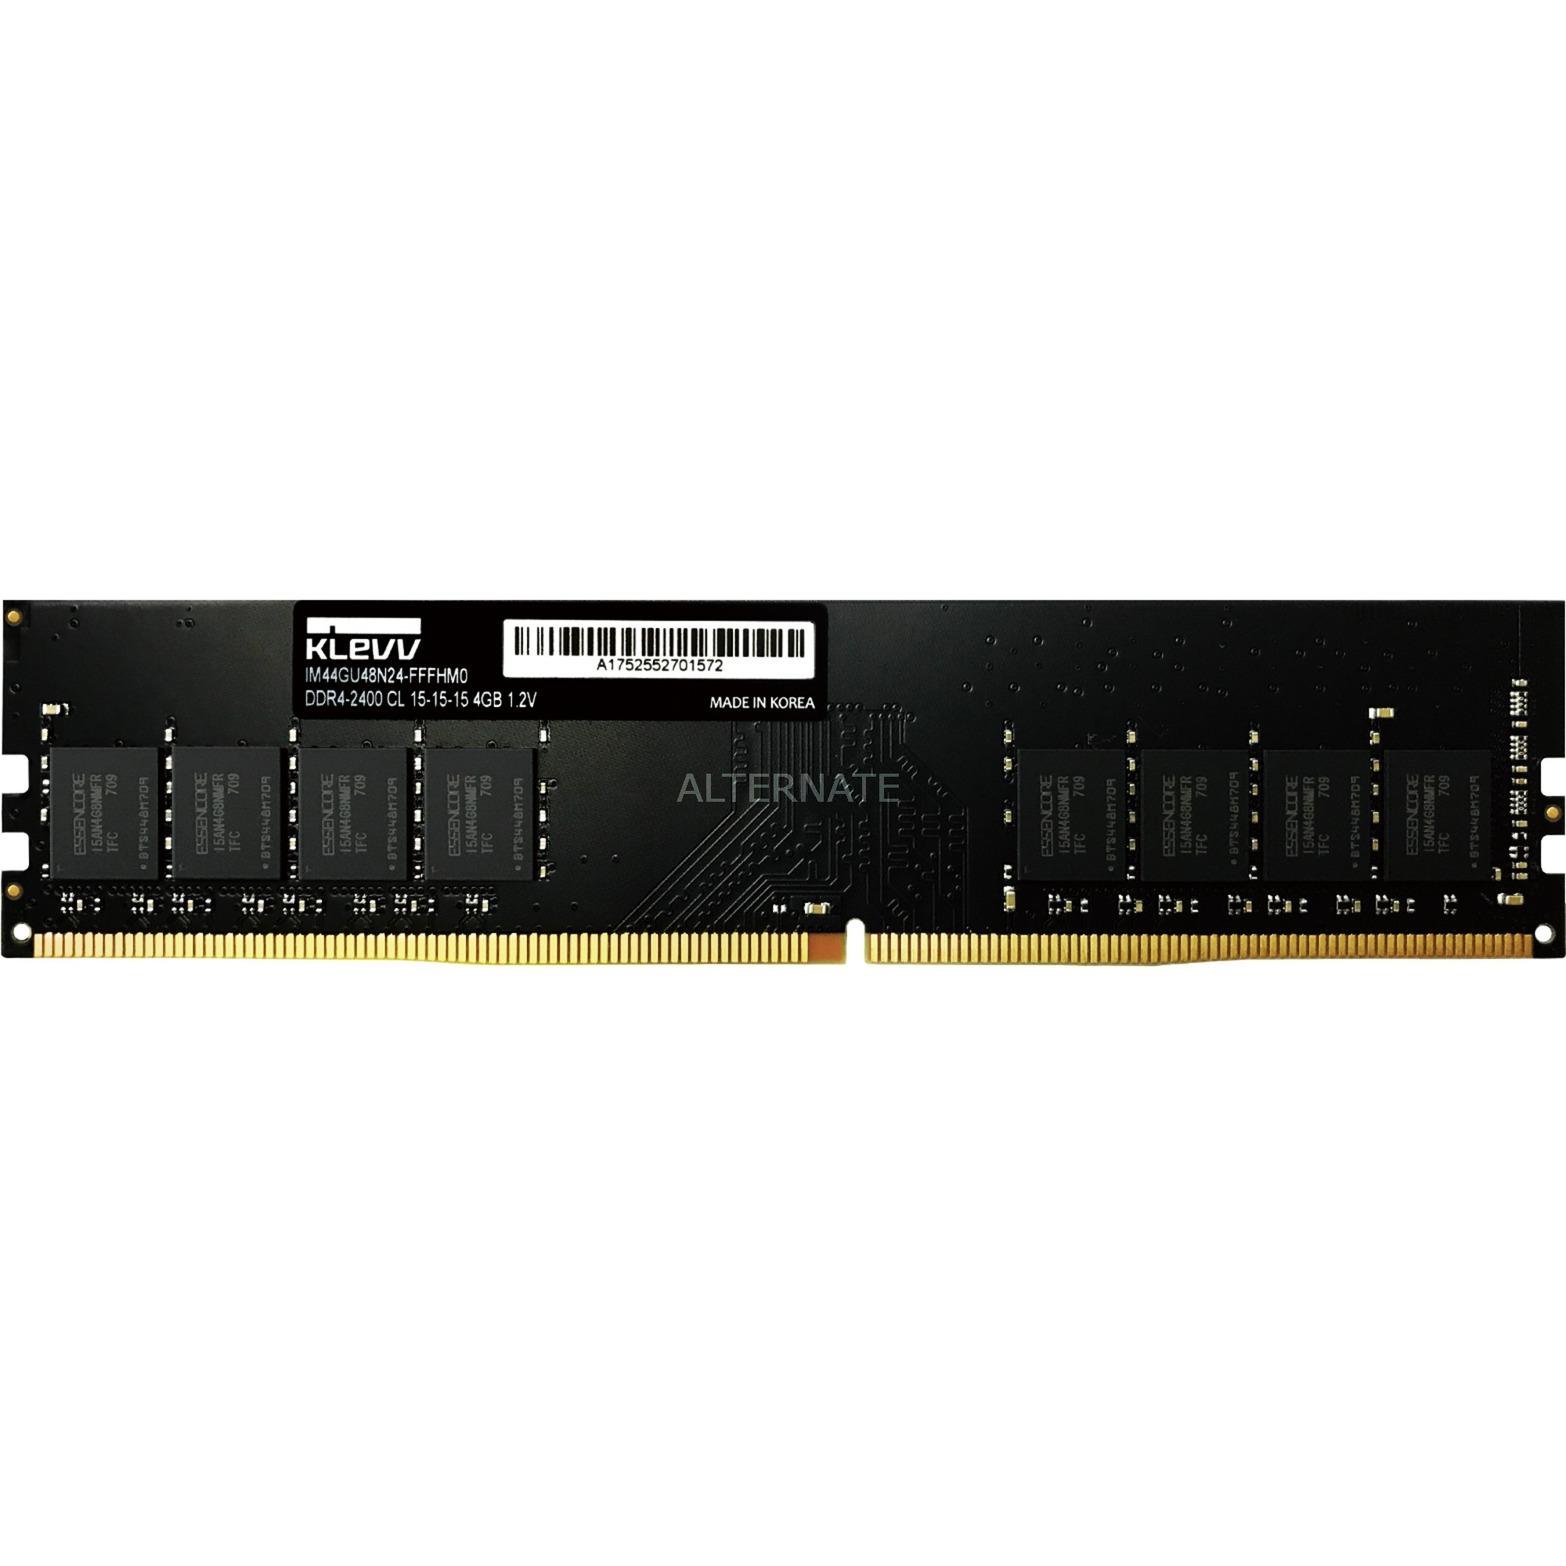 IM48GU88N24-FFFH*0, Memoria RAM